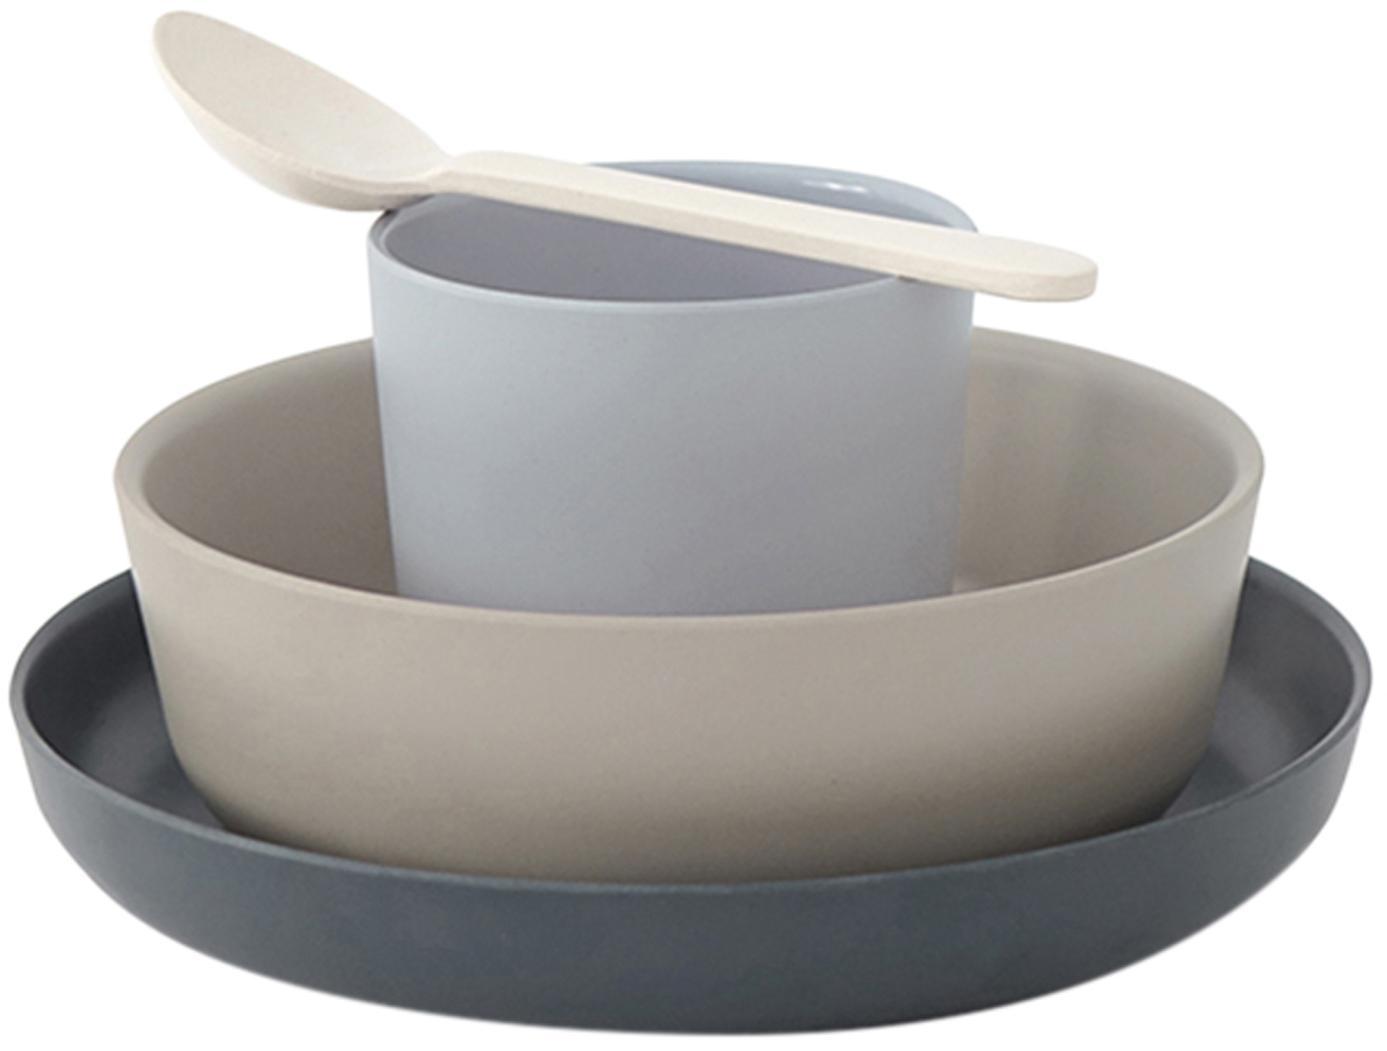 Frühstücksset Miku, 4-tlg., Bambusfasern, Melamin, lebensmittelecht BPA, PVC und Phthalate frei, Grau, Beige, Blau, Cremeweiss, Set mit verschiedenen Grössen